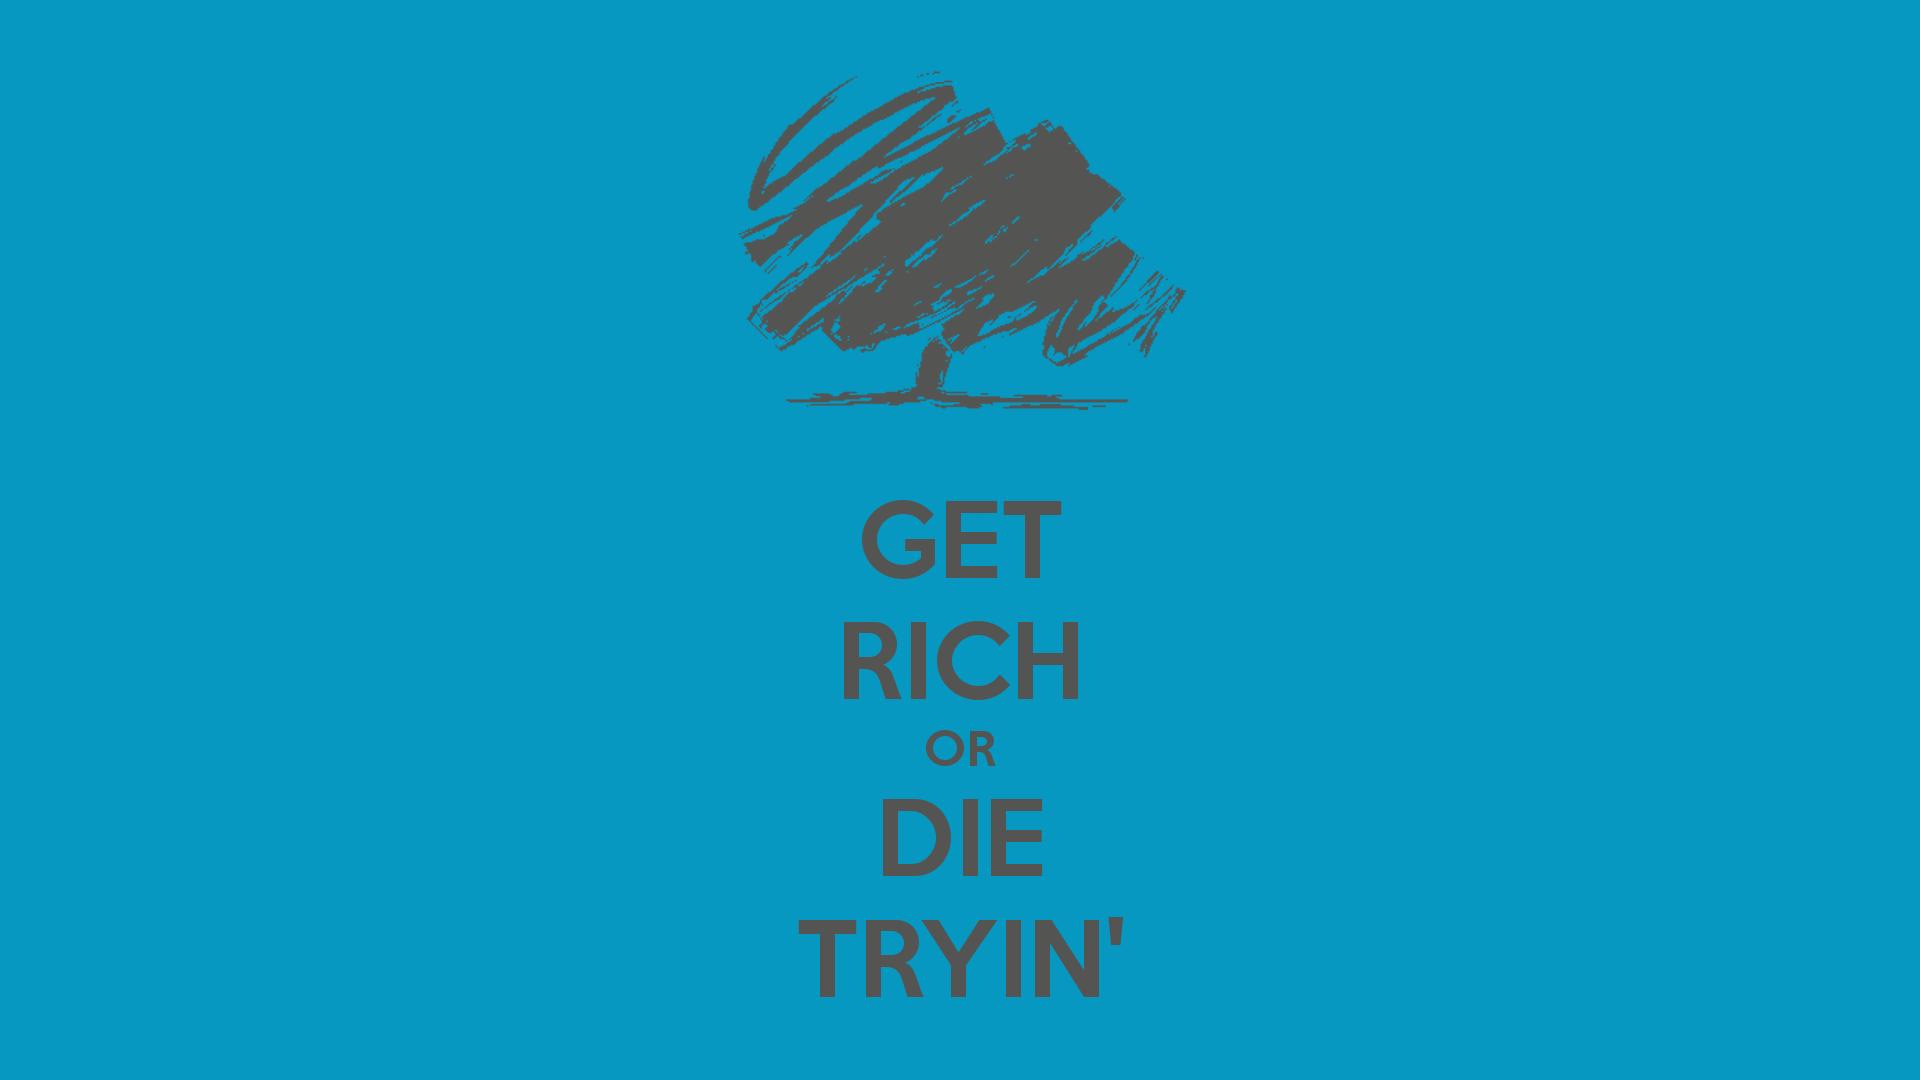 Bắt đầu làm giàu ngay từ hôm nay ?